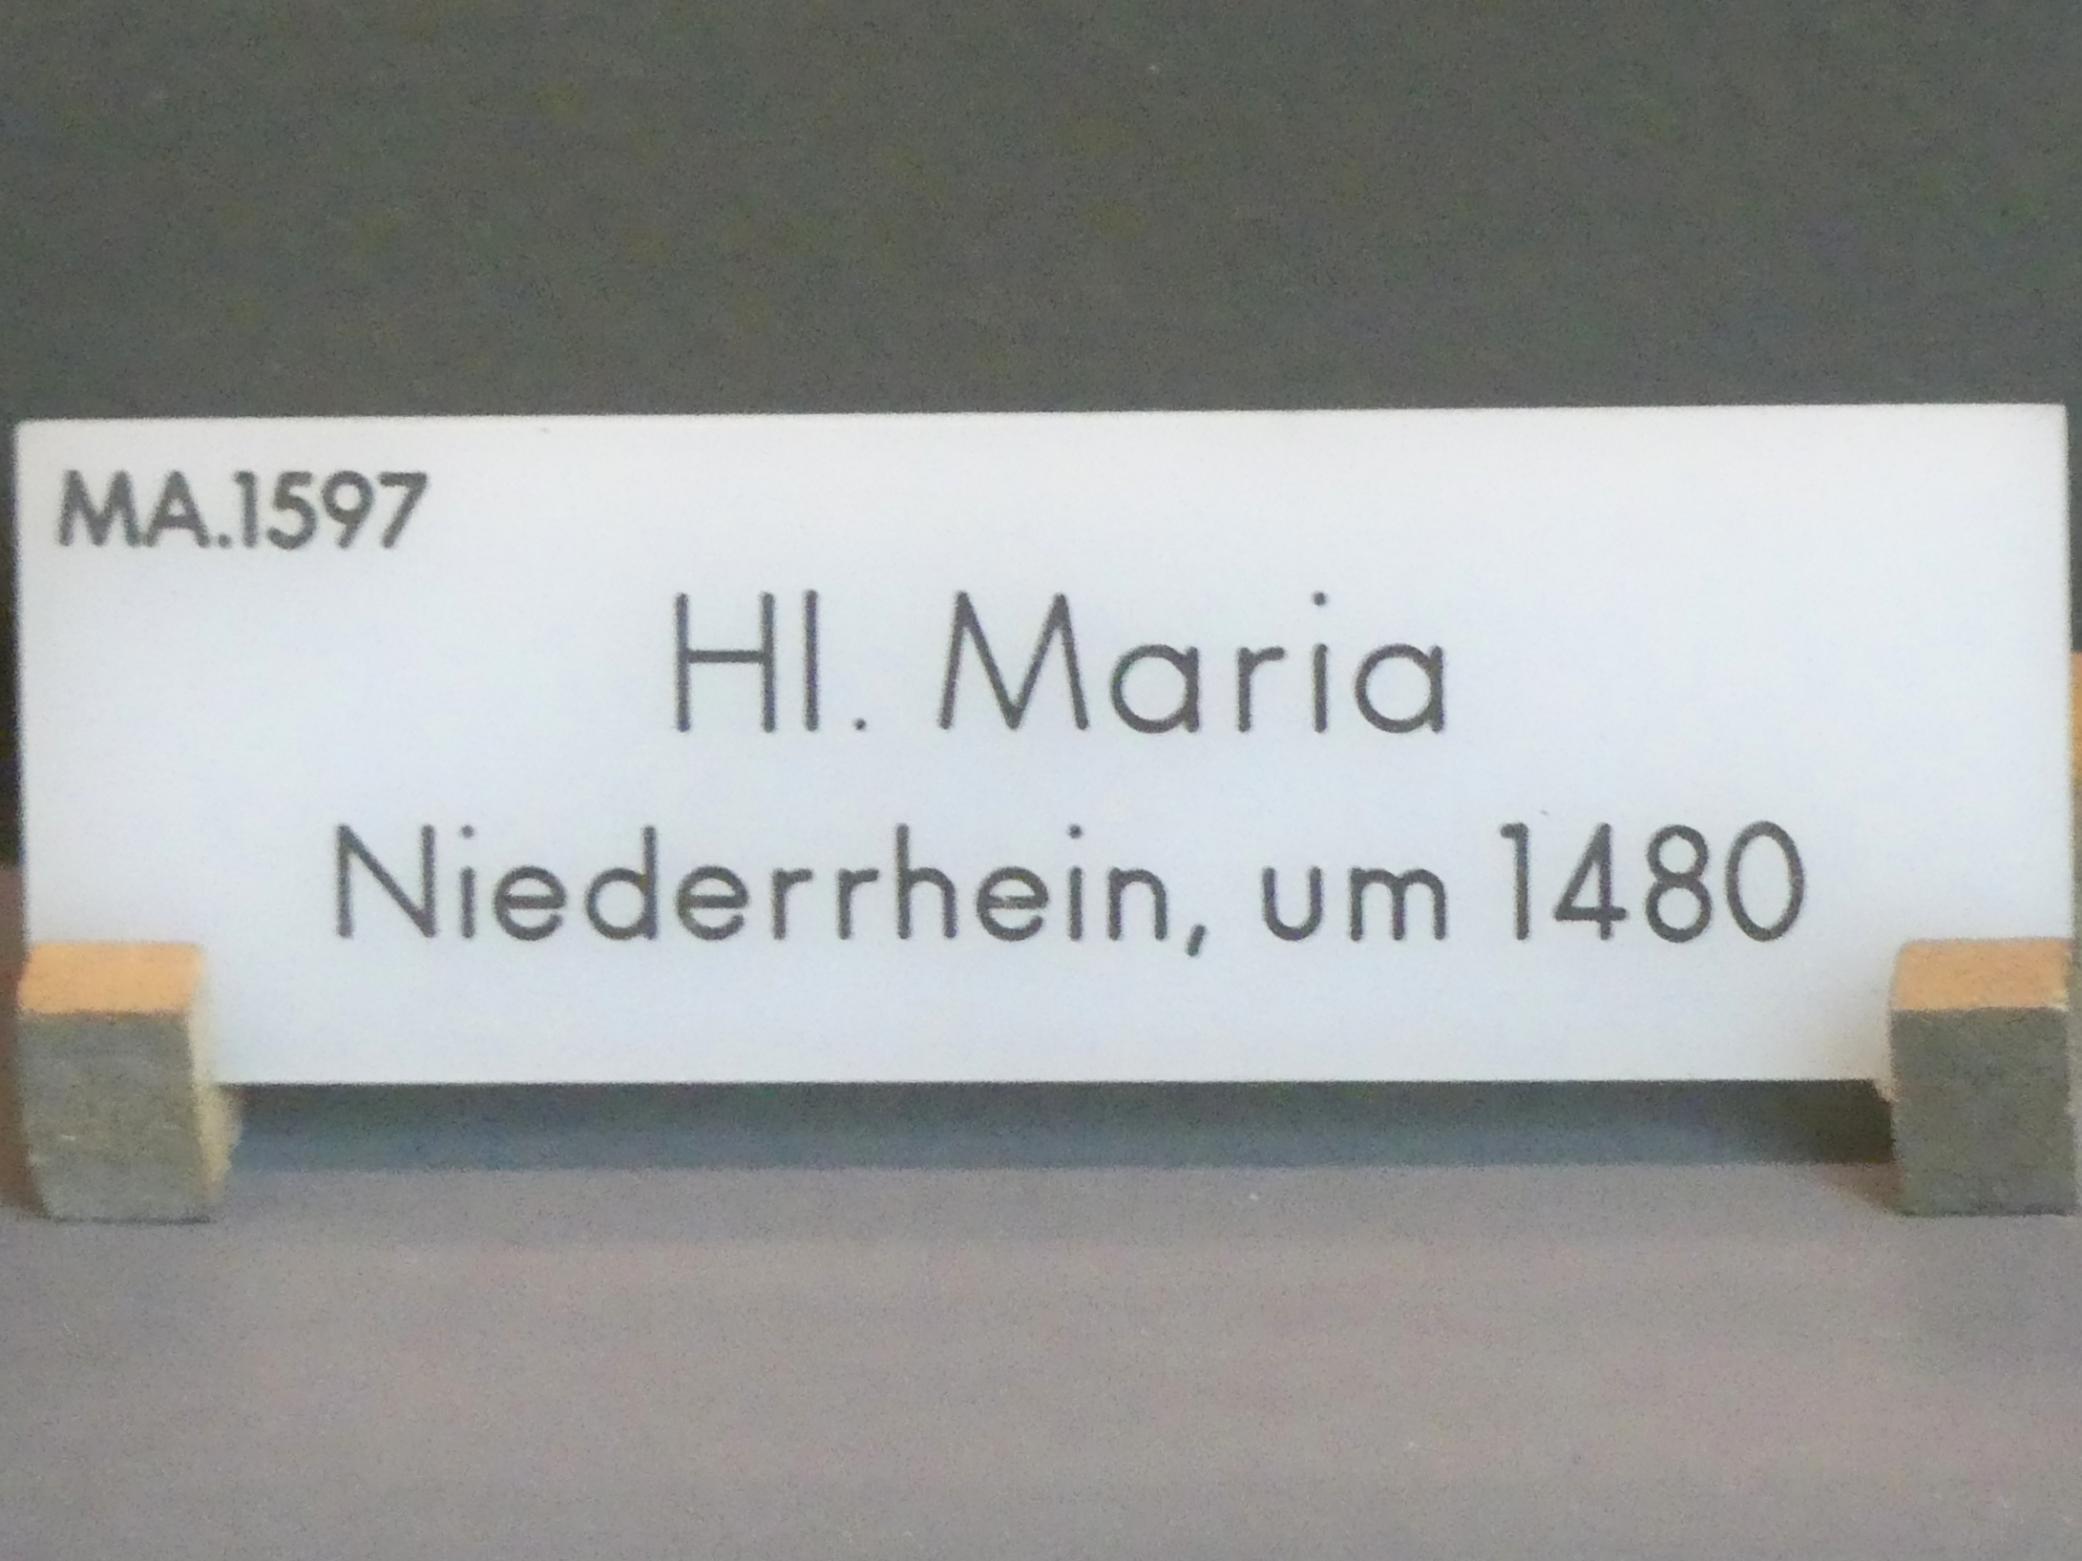 Hl. Maria, um 1480, Bild 3/3